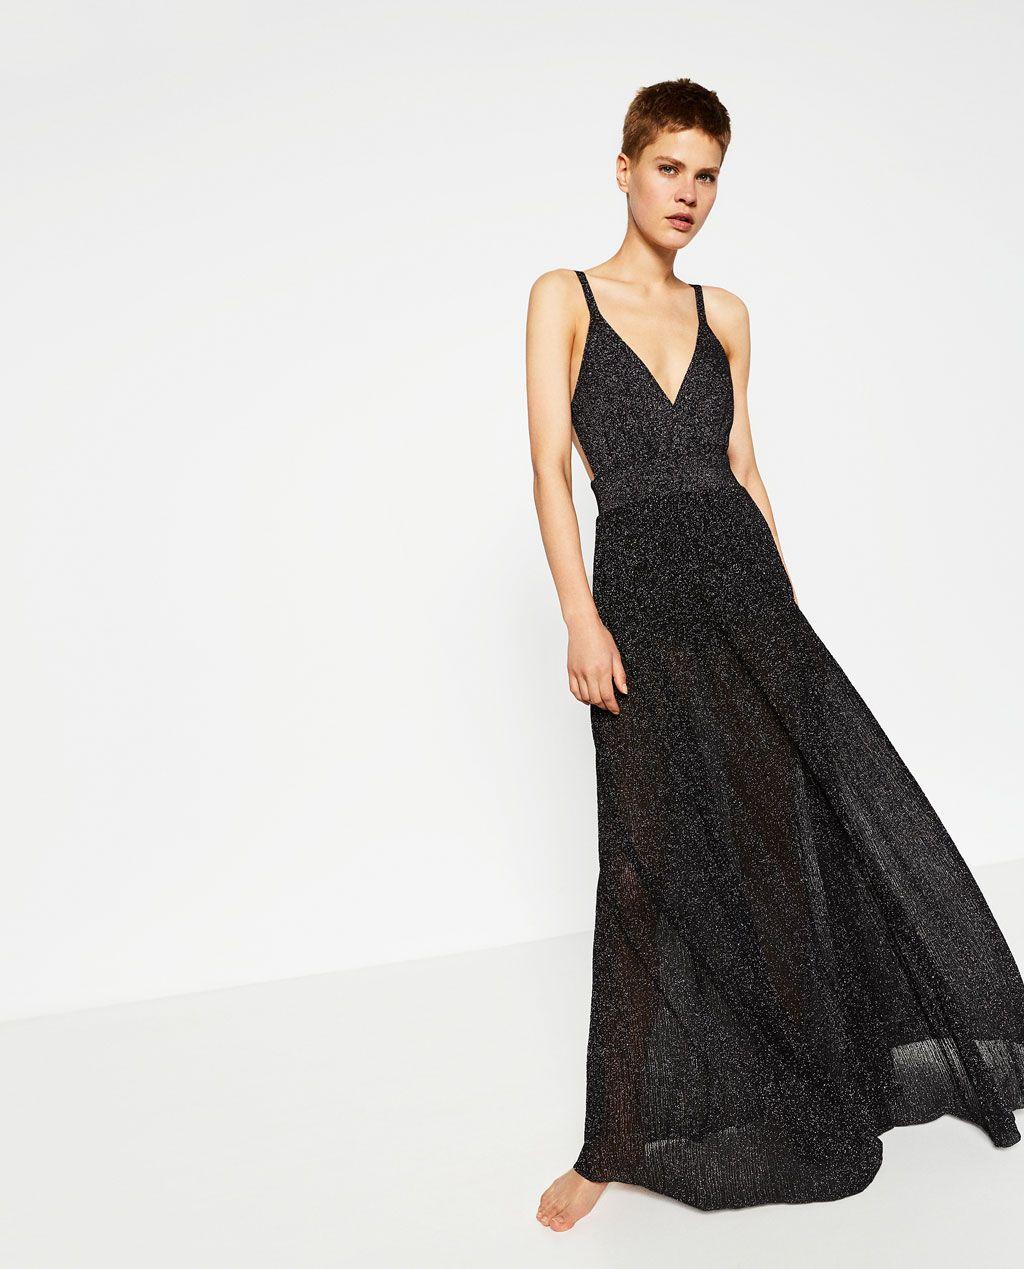 6a8d5283ca37 Image 3 of LIMITED EDITION LONG DRESS from Zara | gowns | Klänningar